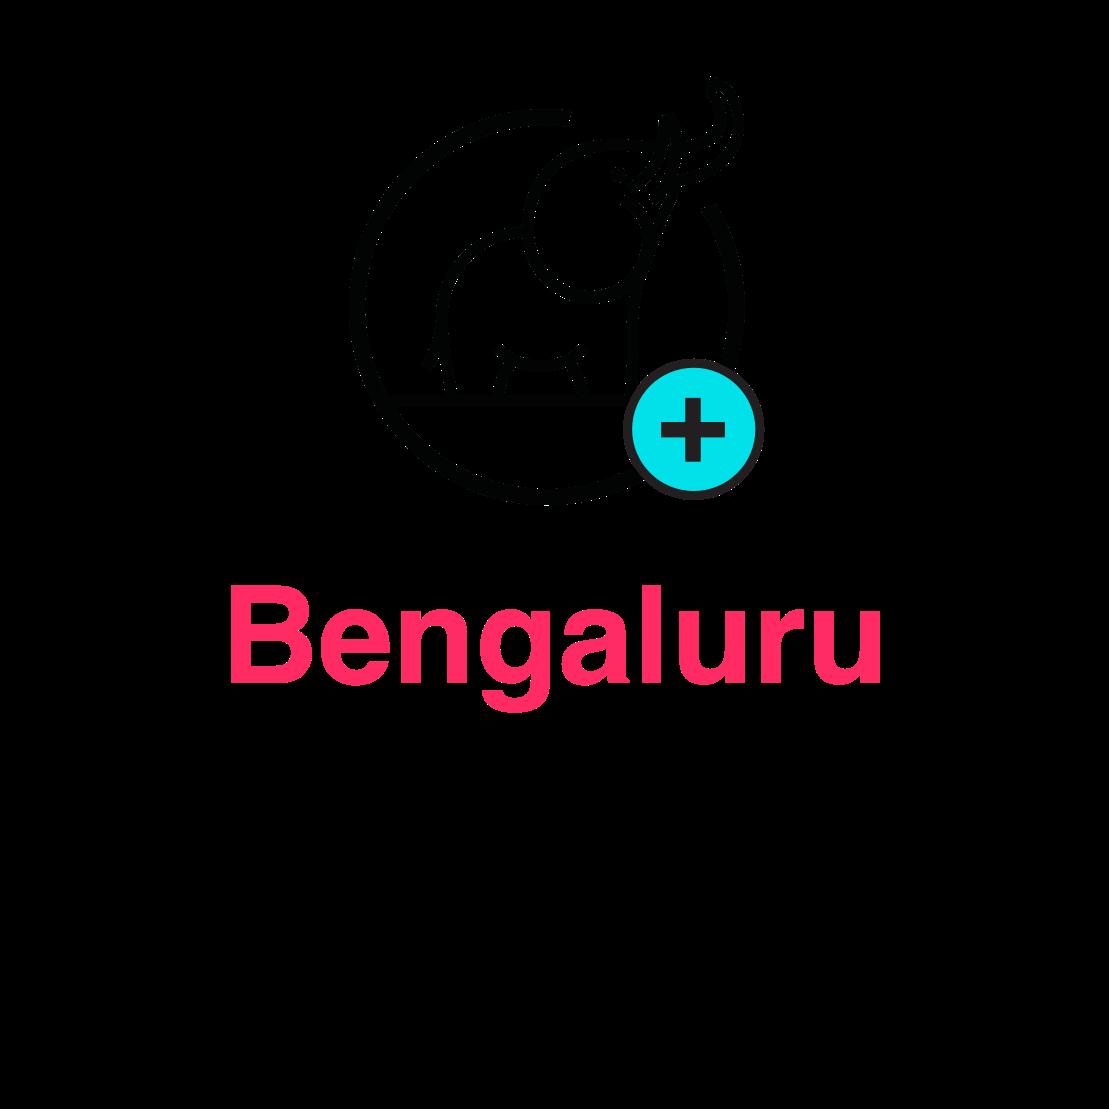 Bengaluru_1